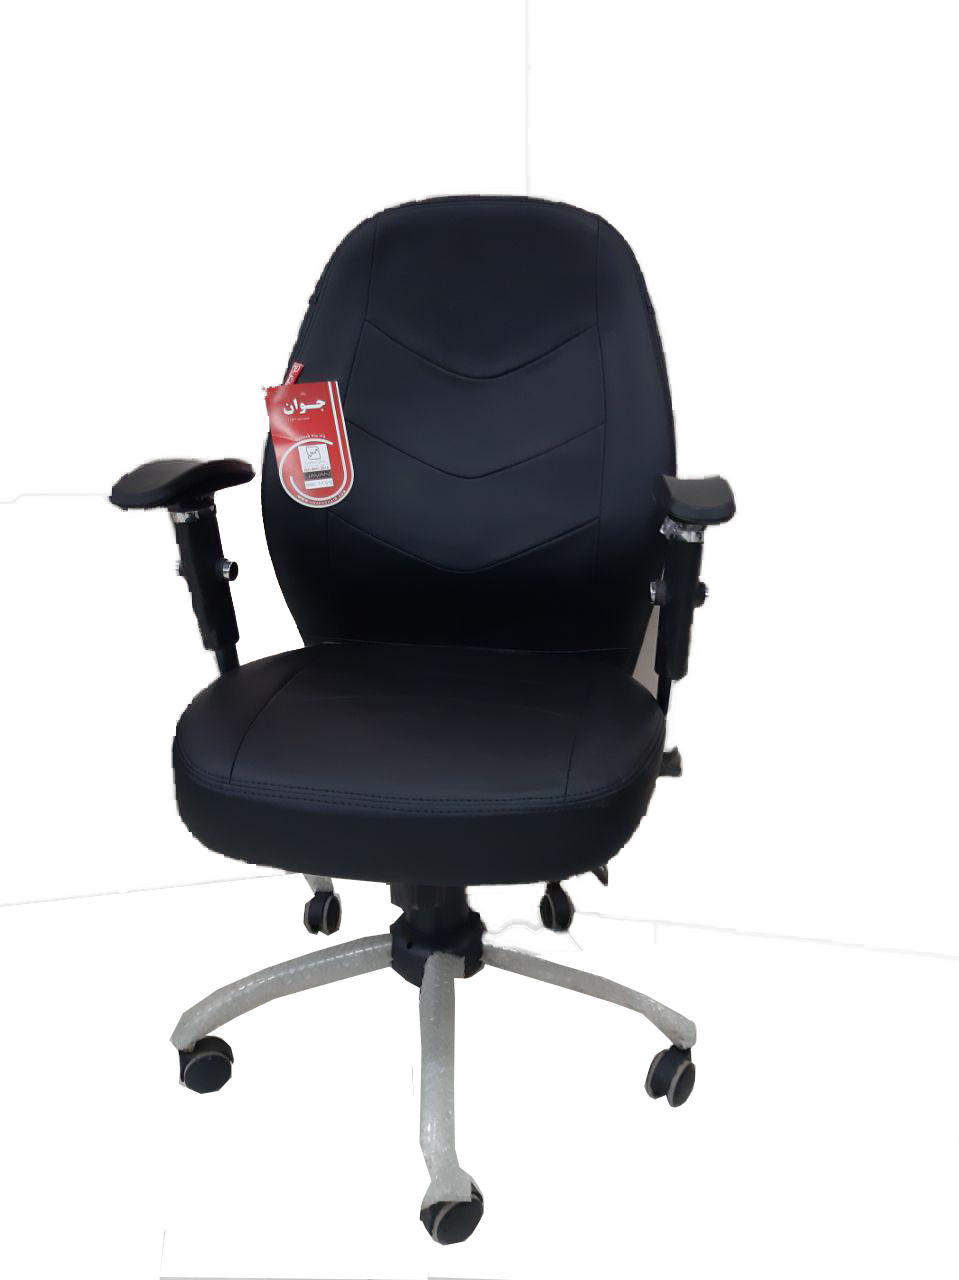 صندلی اداری کارشناسی کارمندی جوان مدل J2017B